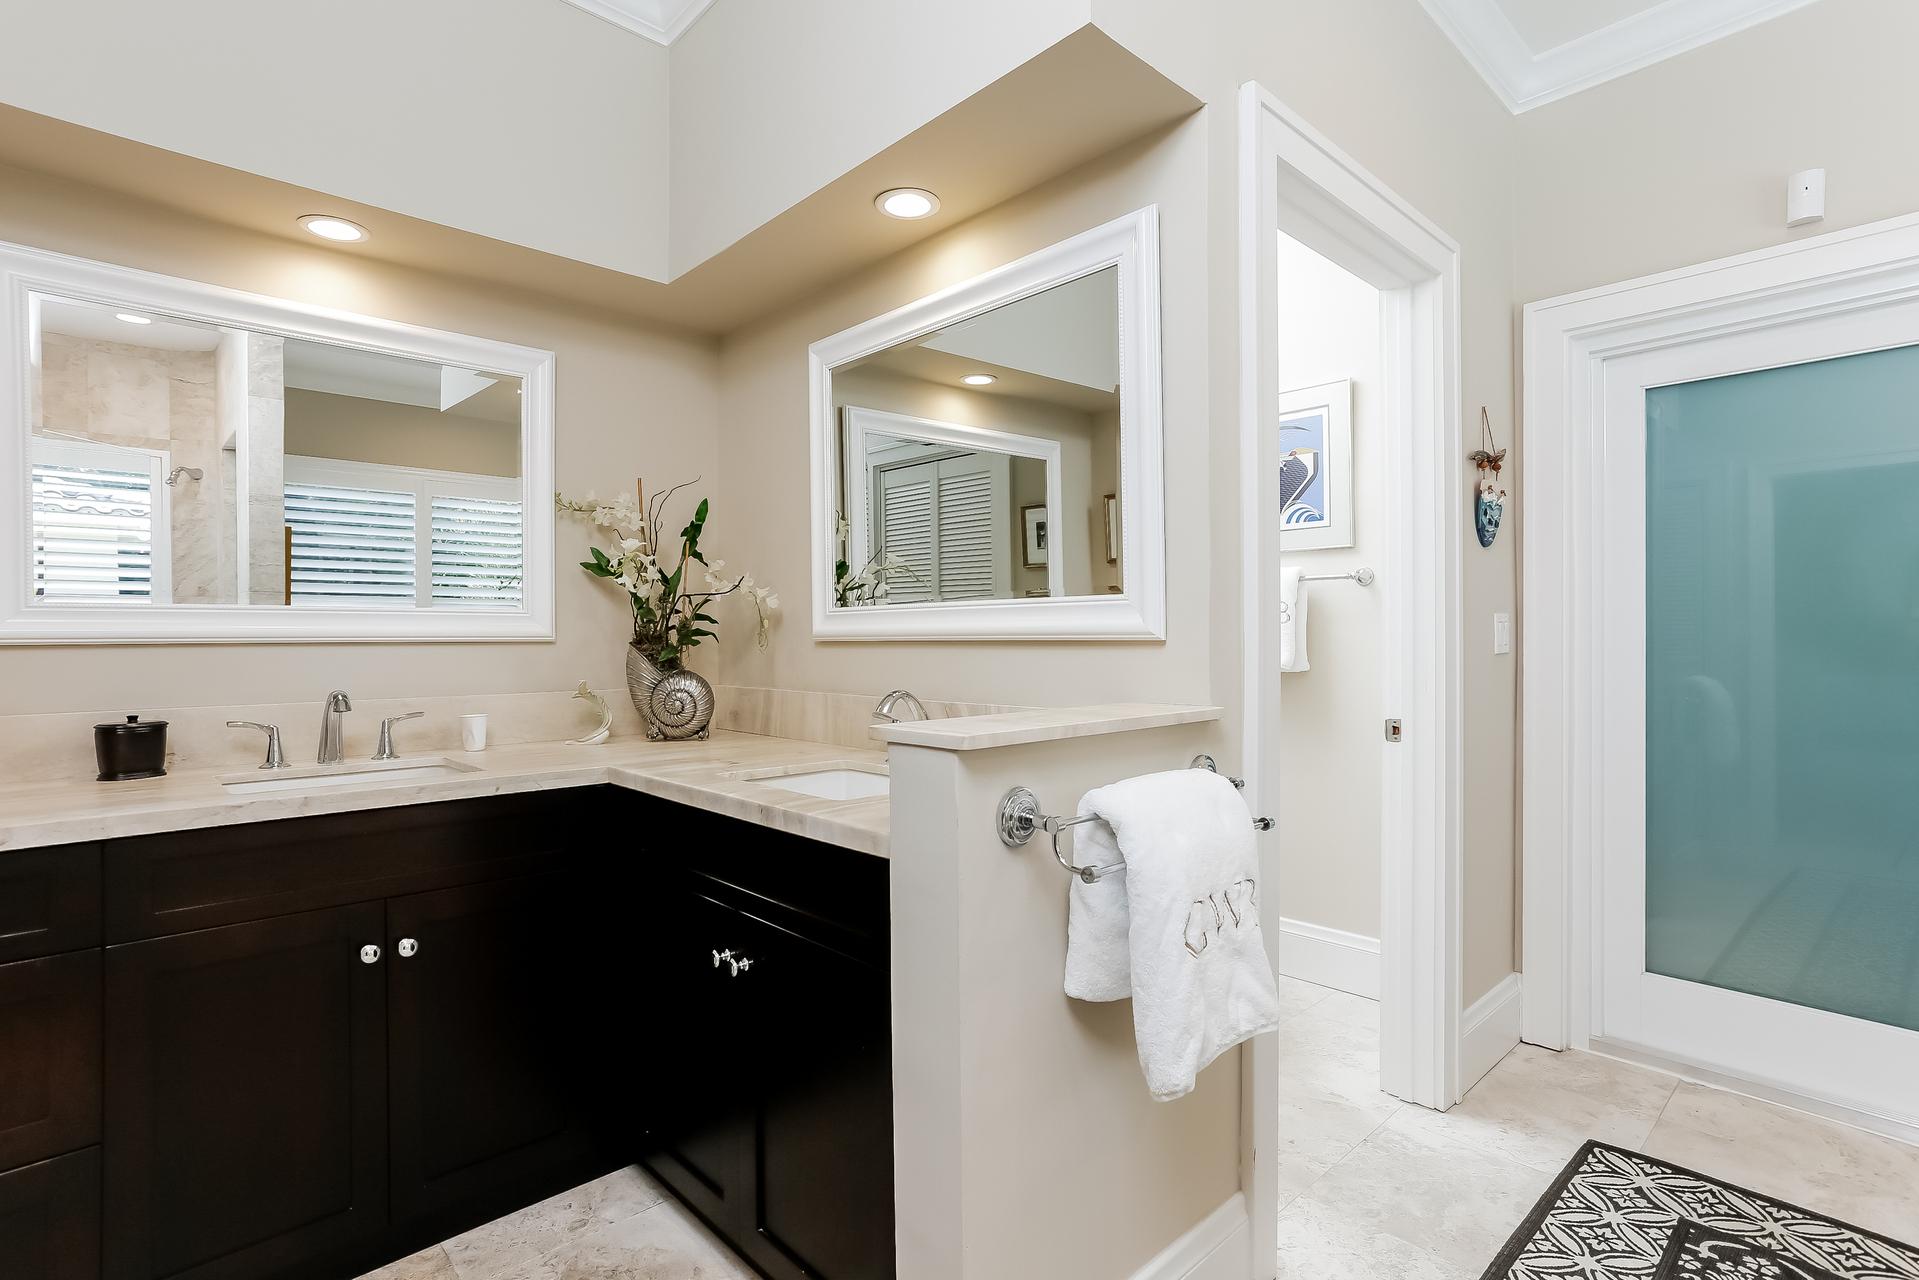 026-Master_Bathroom-2647593-medium.jpg